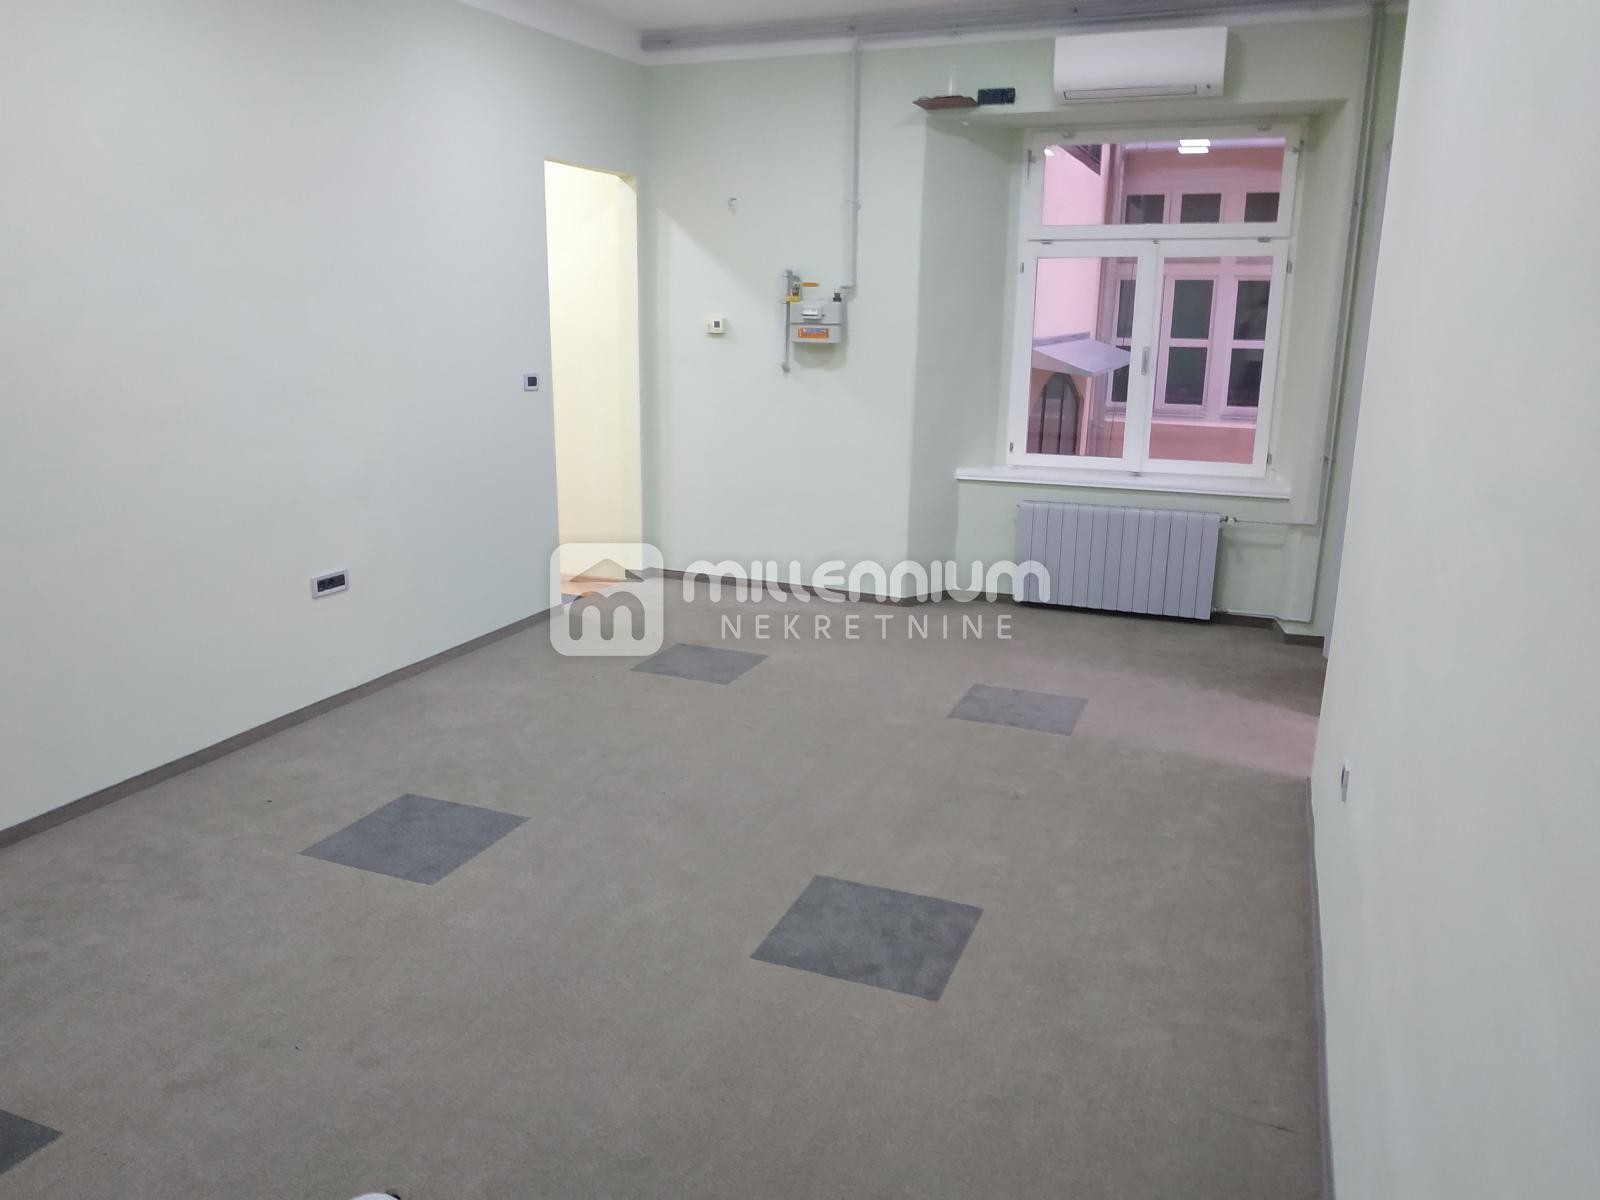 Najam, Rijeka, Centar, 141m2, stan ili poslovni prostor